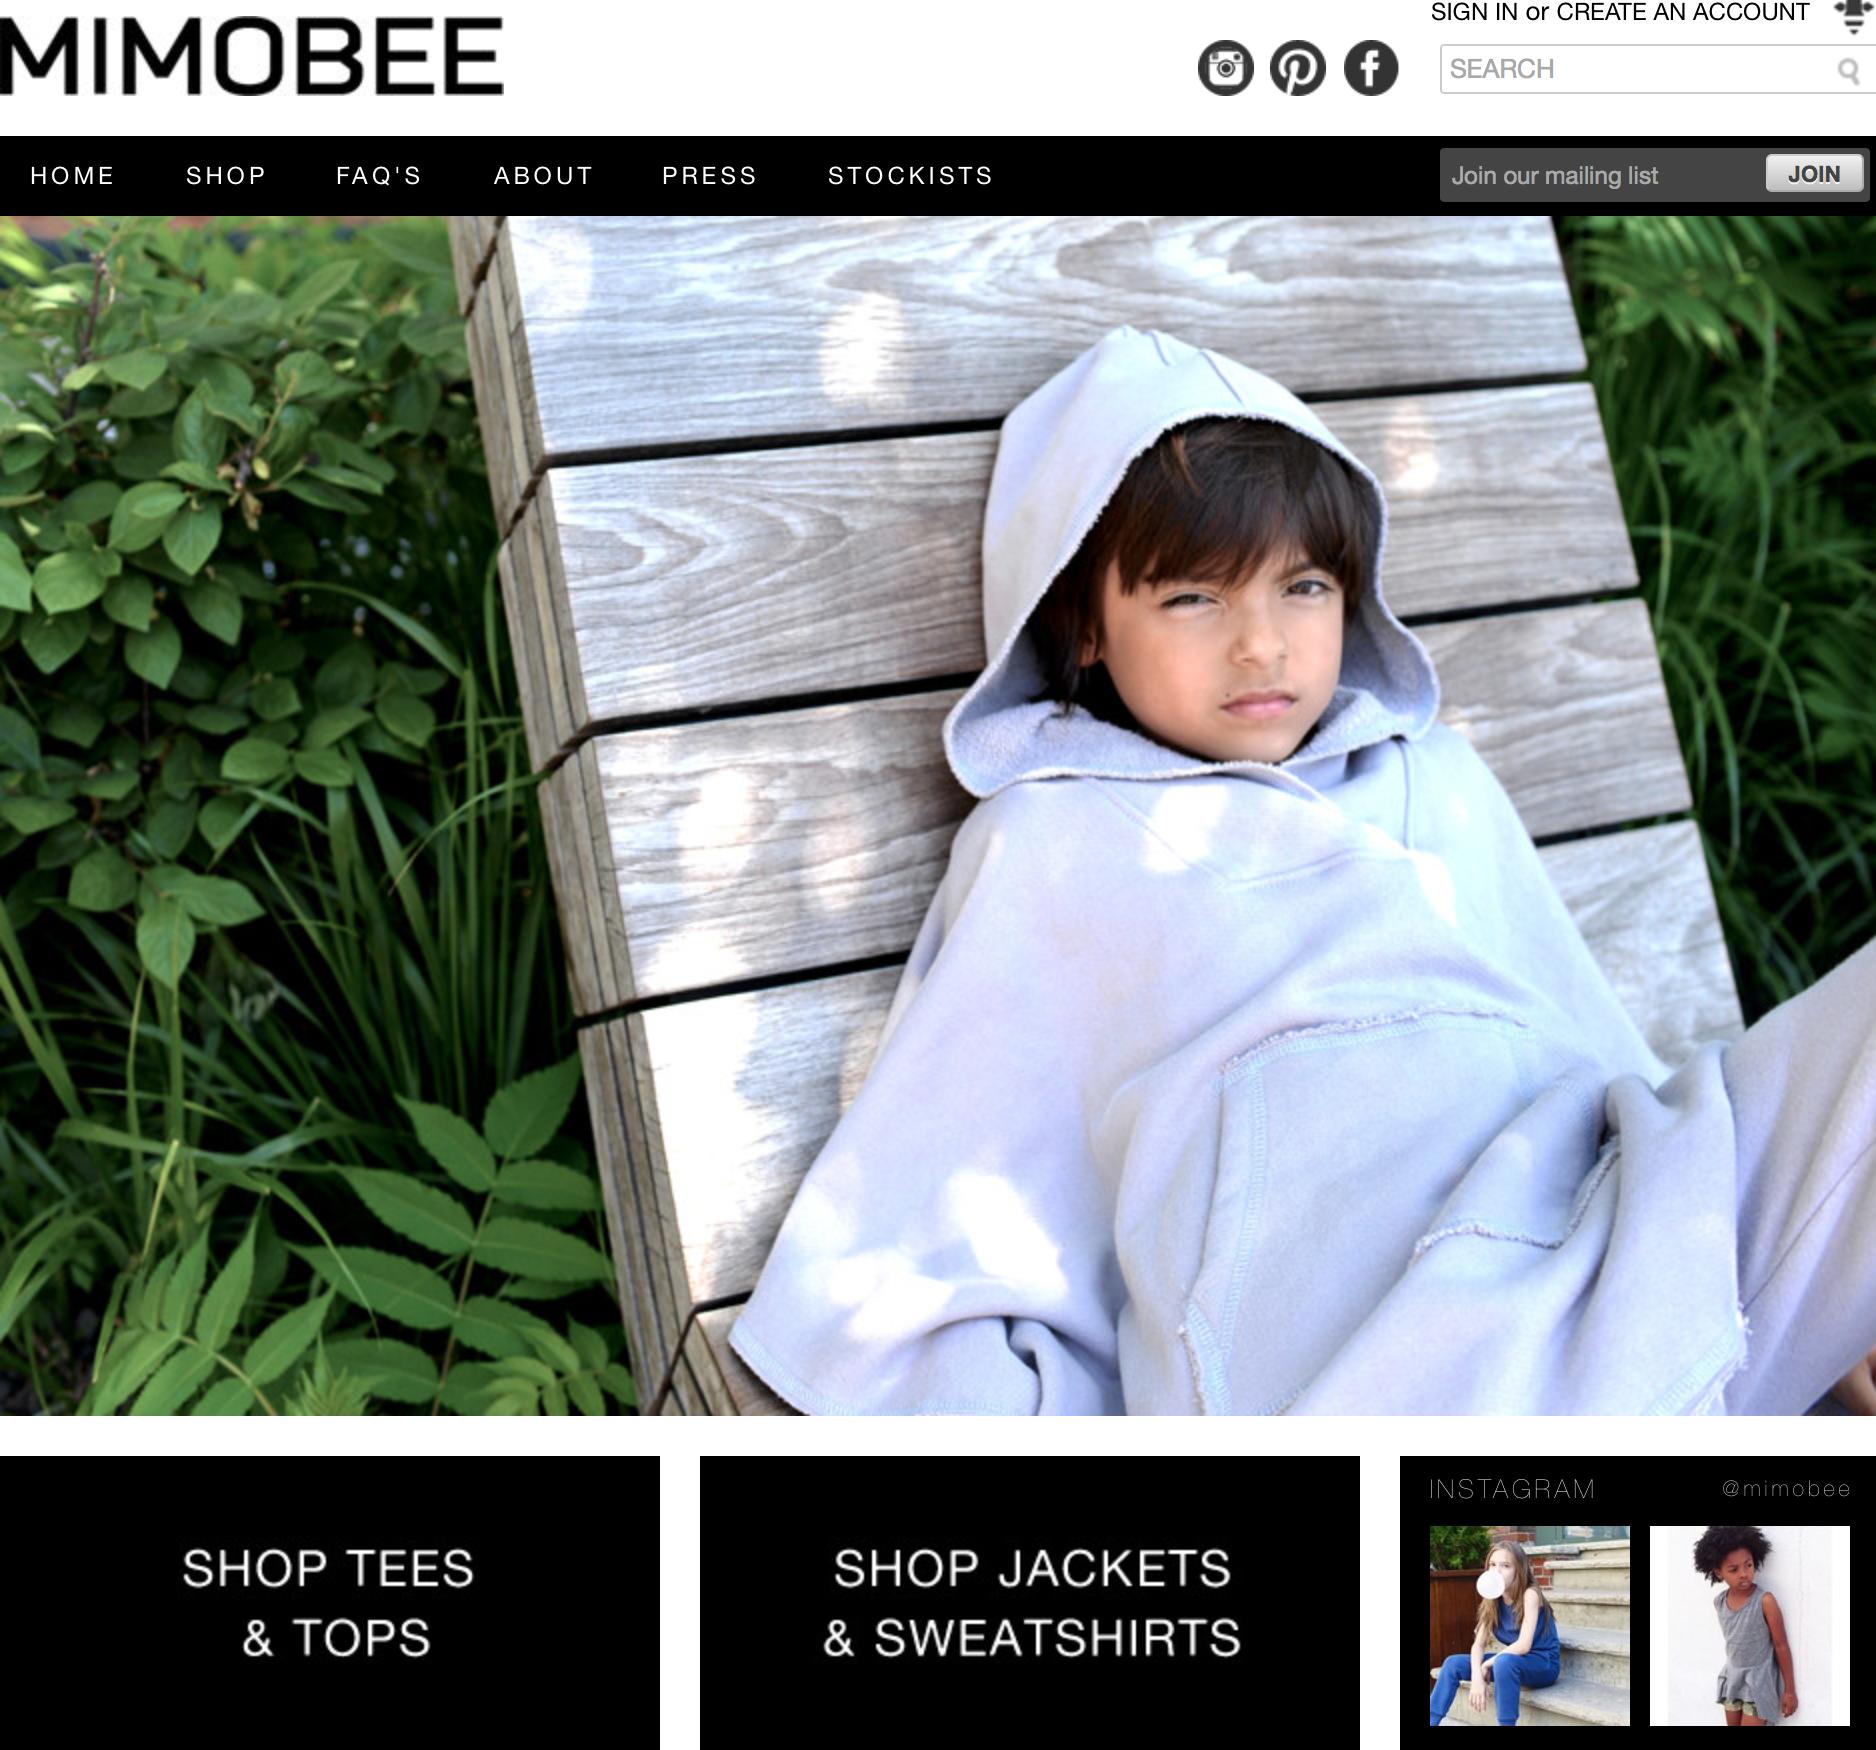 Screen Shot 2014-08-28 at 9.56.07 AM.png